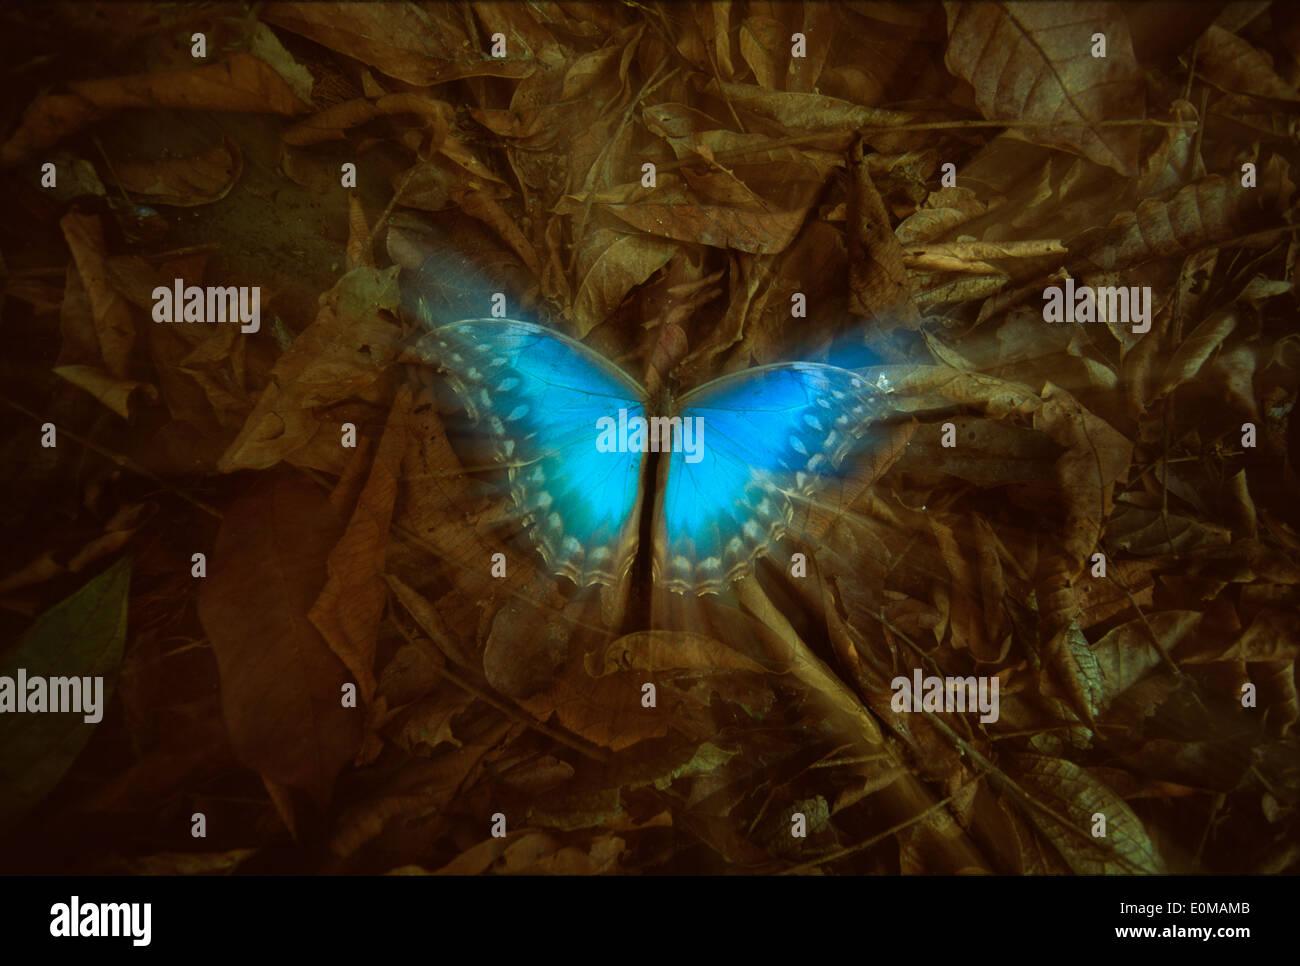 Mariposa Morpho azul muerta yace amonst las hojas marrones sobre el piso del bosque, Parque Nacional Corcovado, Costa Rica (Morpho peleides) Imagen De Stock